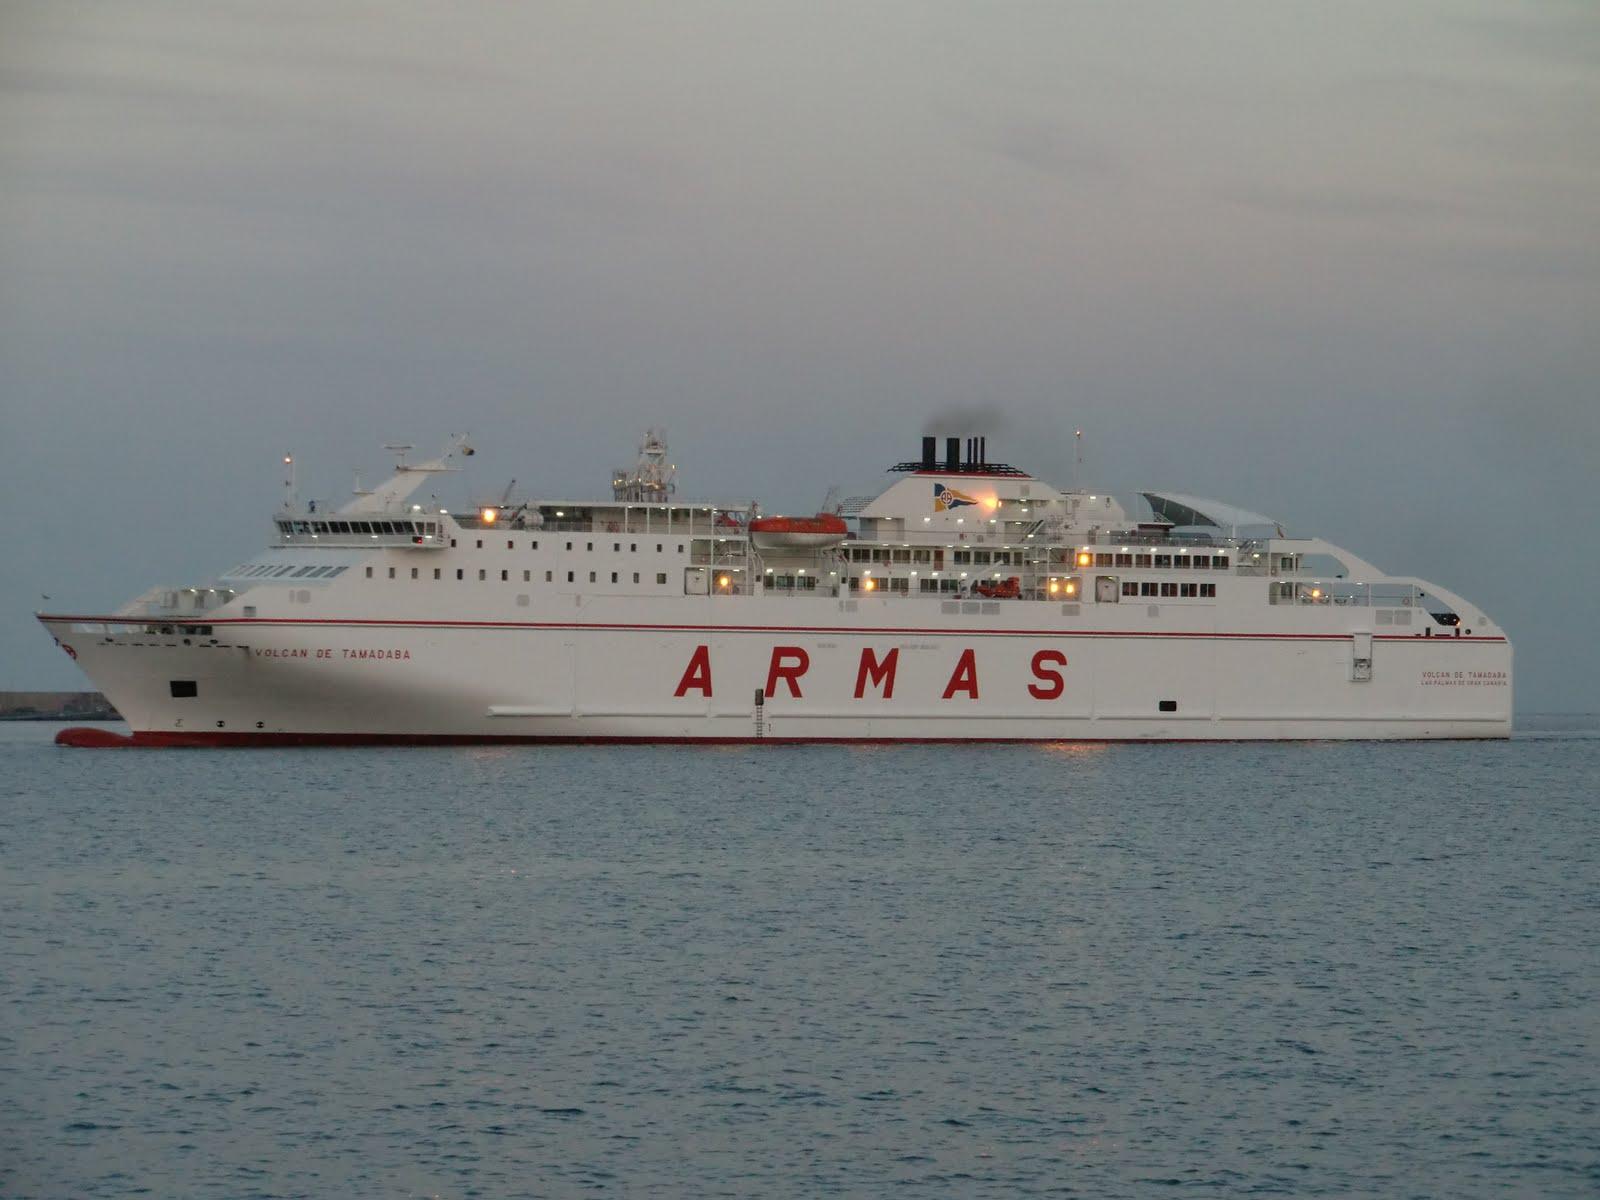 Islas canarias volcan de tamadaba ferry naviera for Horario oficina naviera armas las palmas